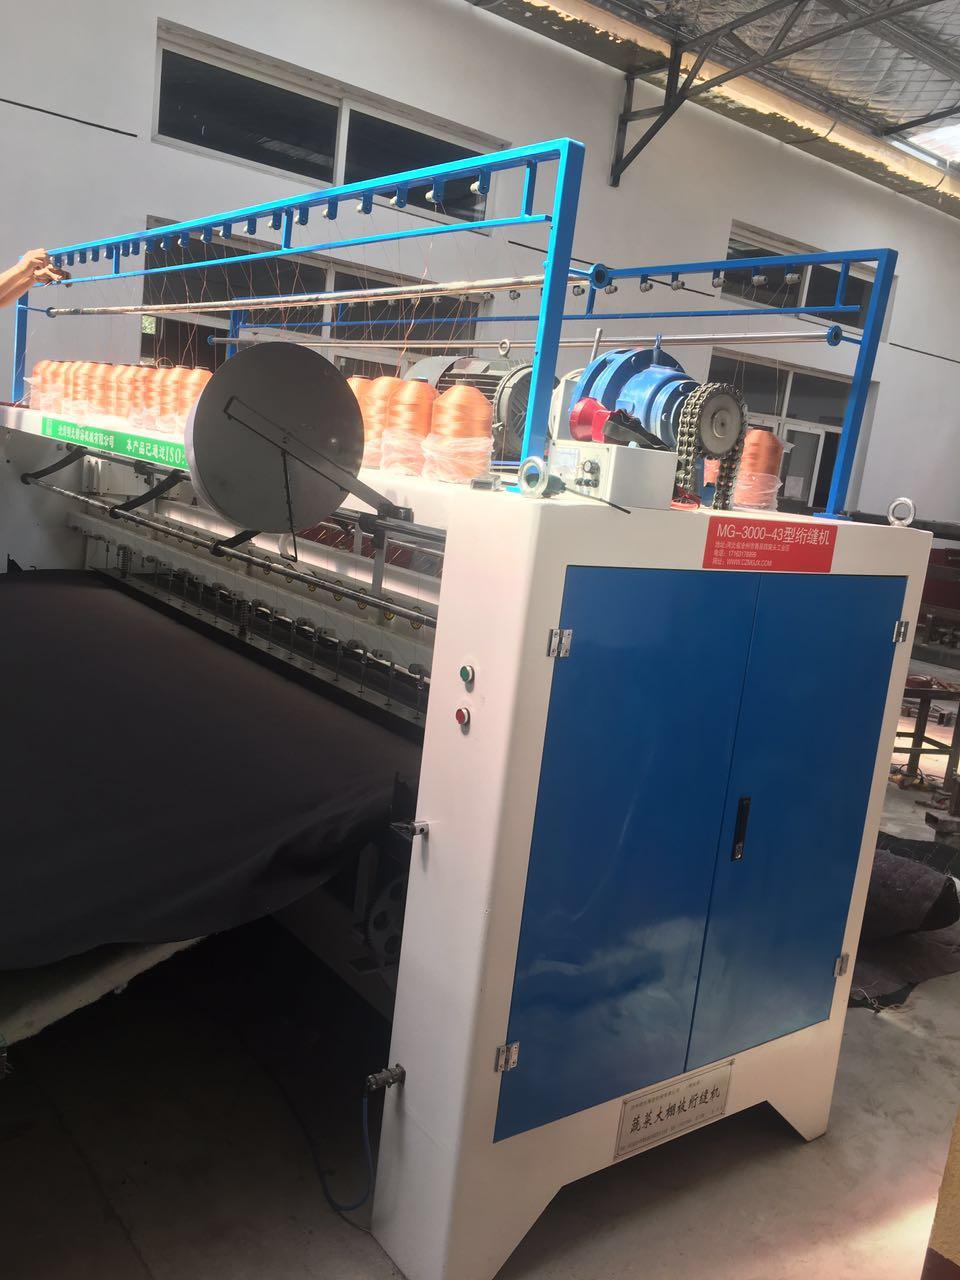 沧州哪里有卖价格优惠的棉被机_大鹏棉被机哪家好